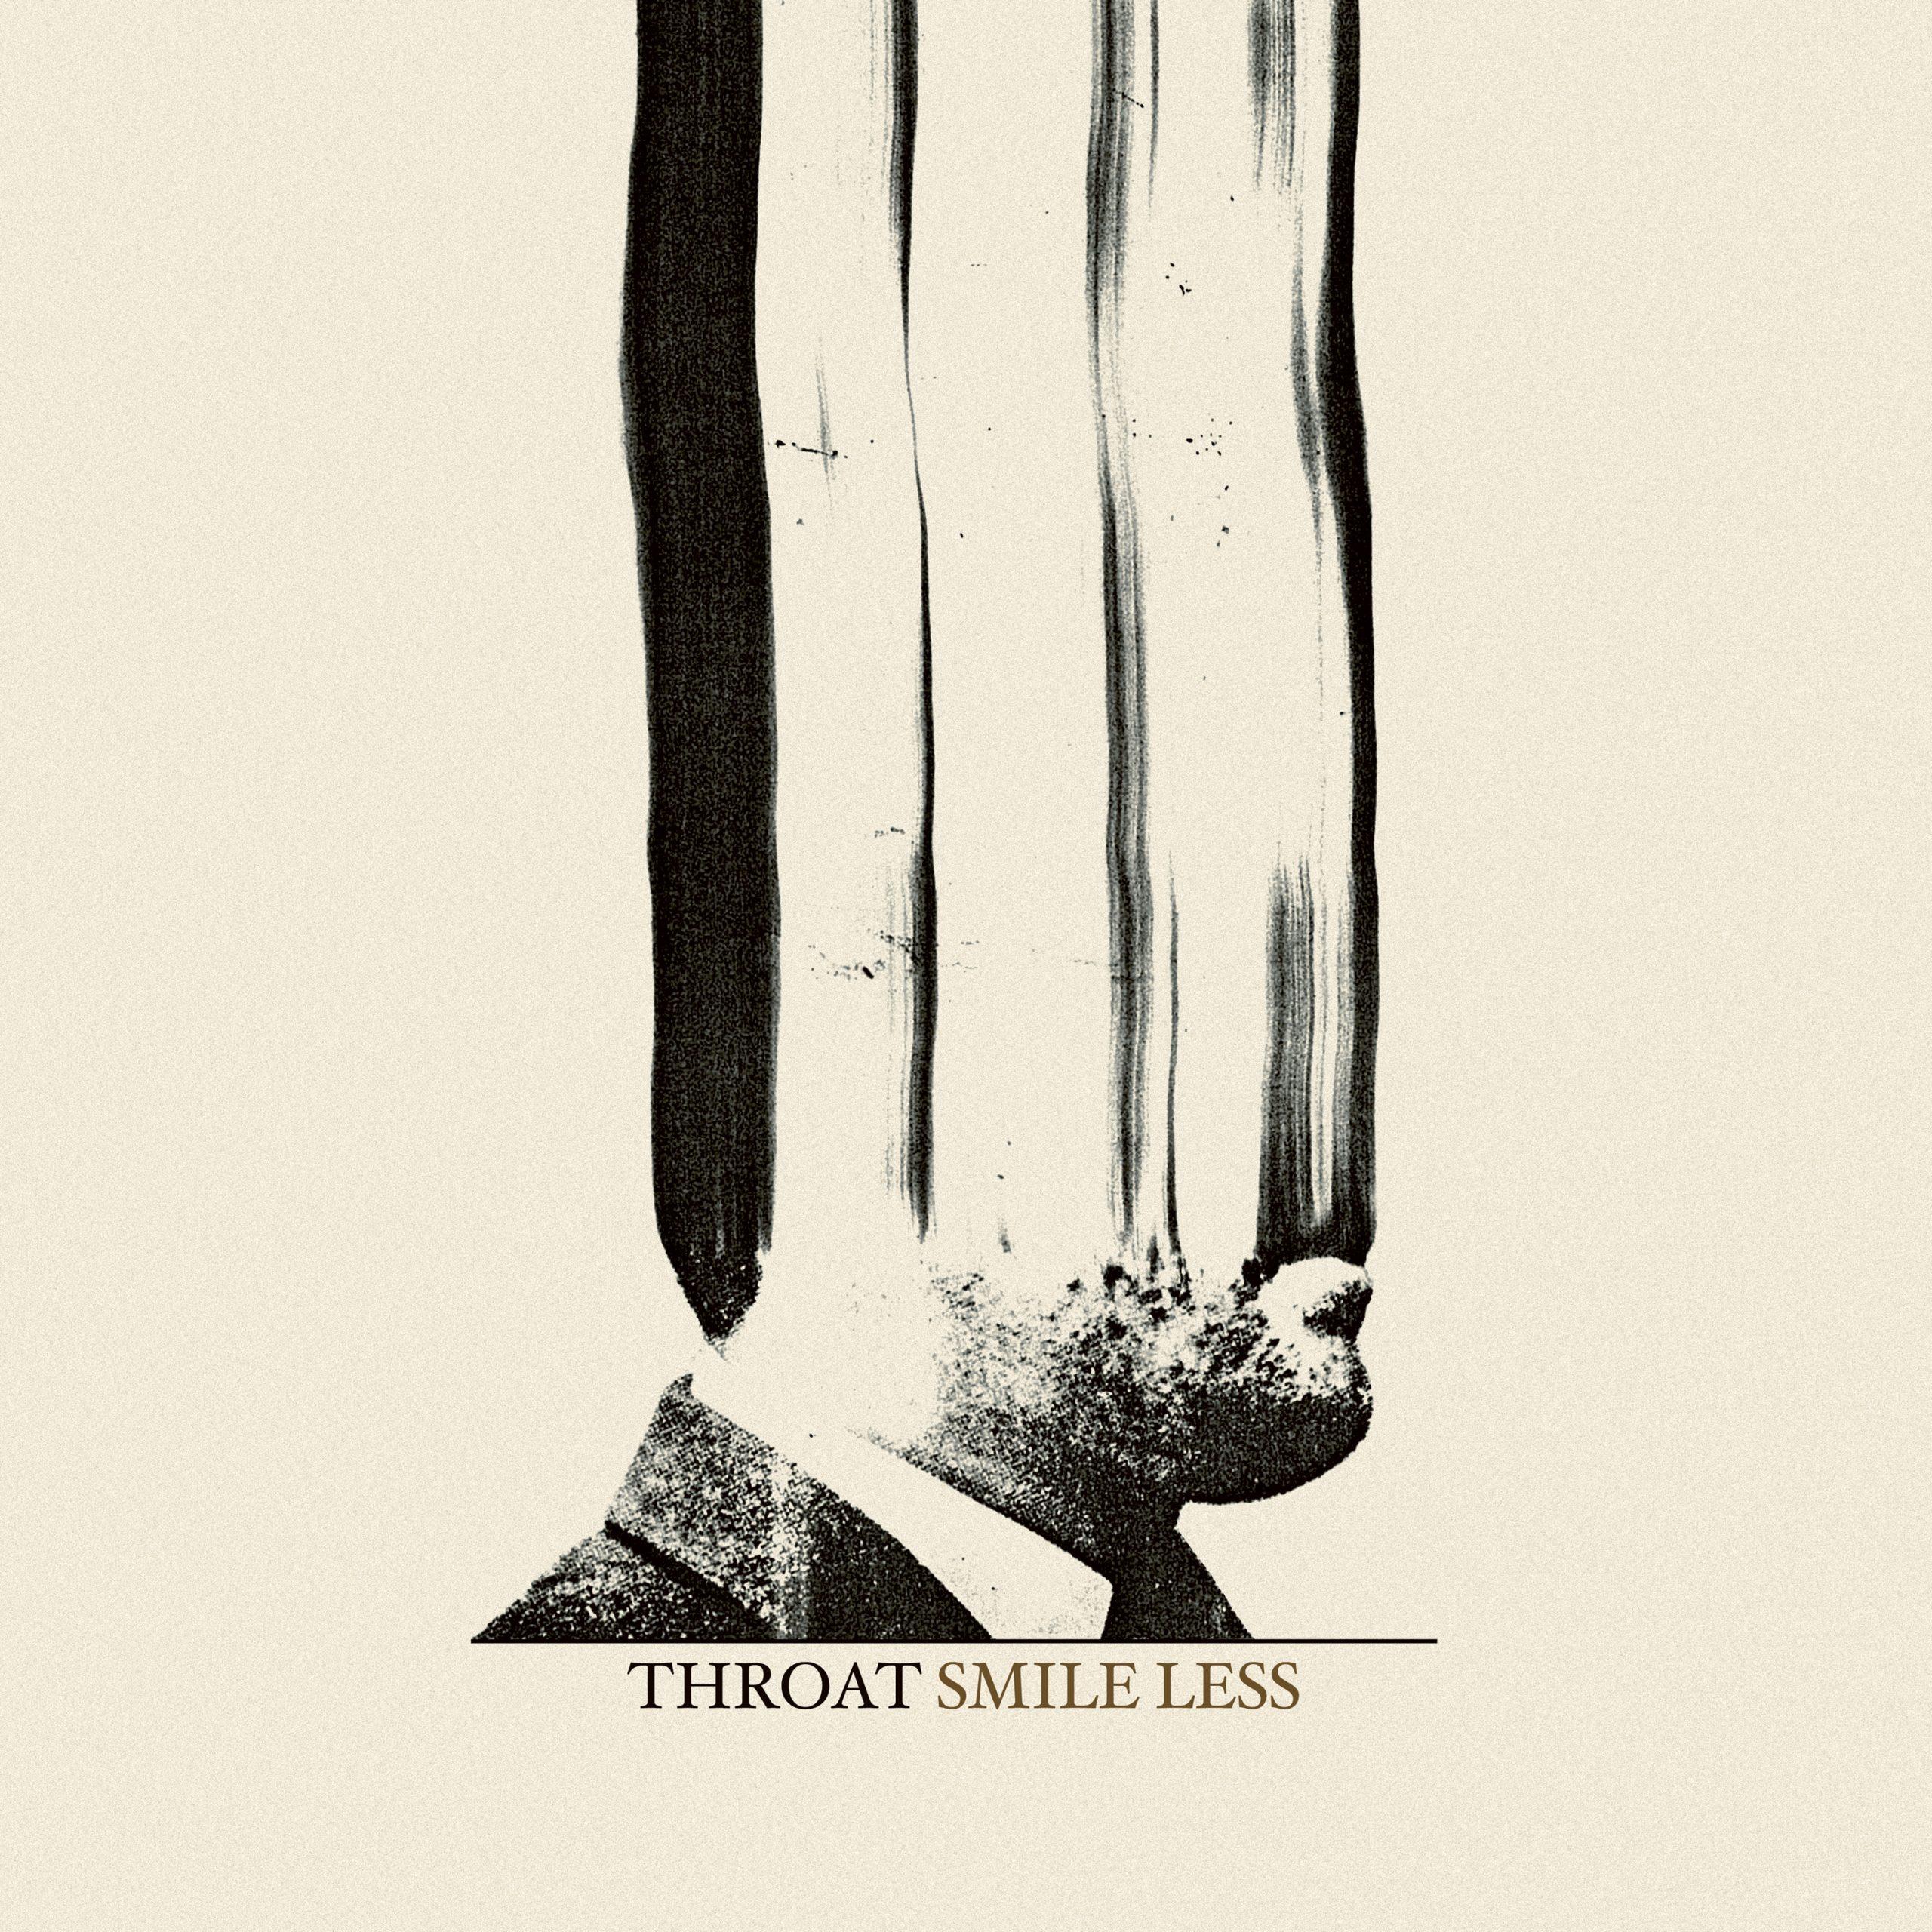 Throat Smile Less Album Cover Artwork